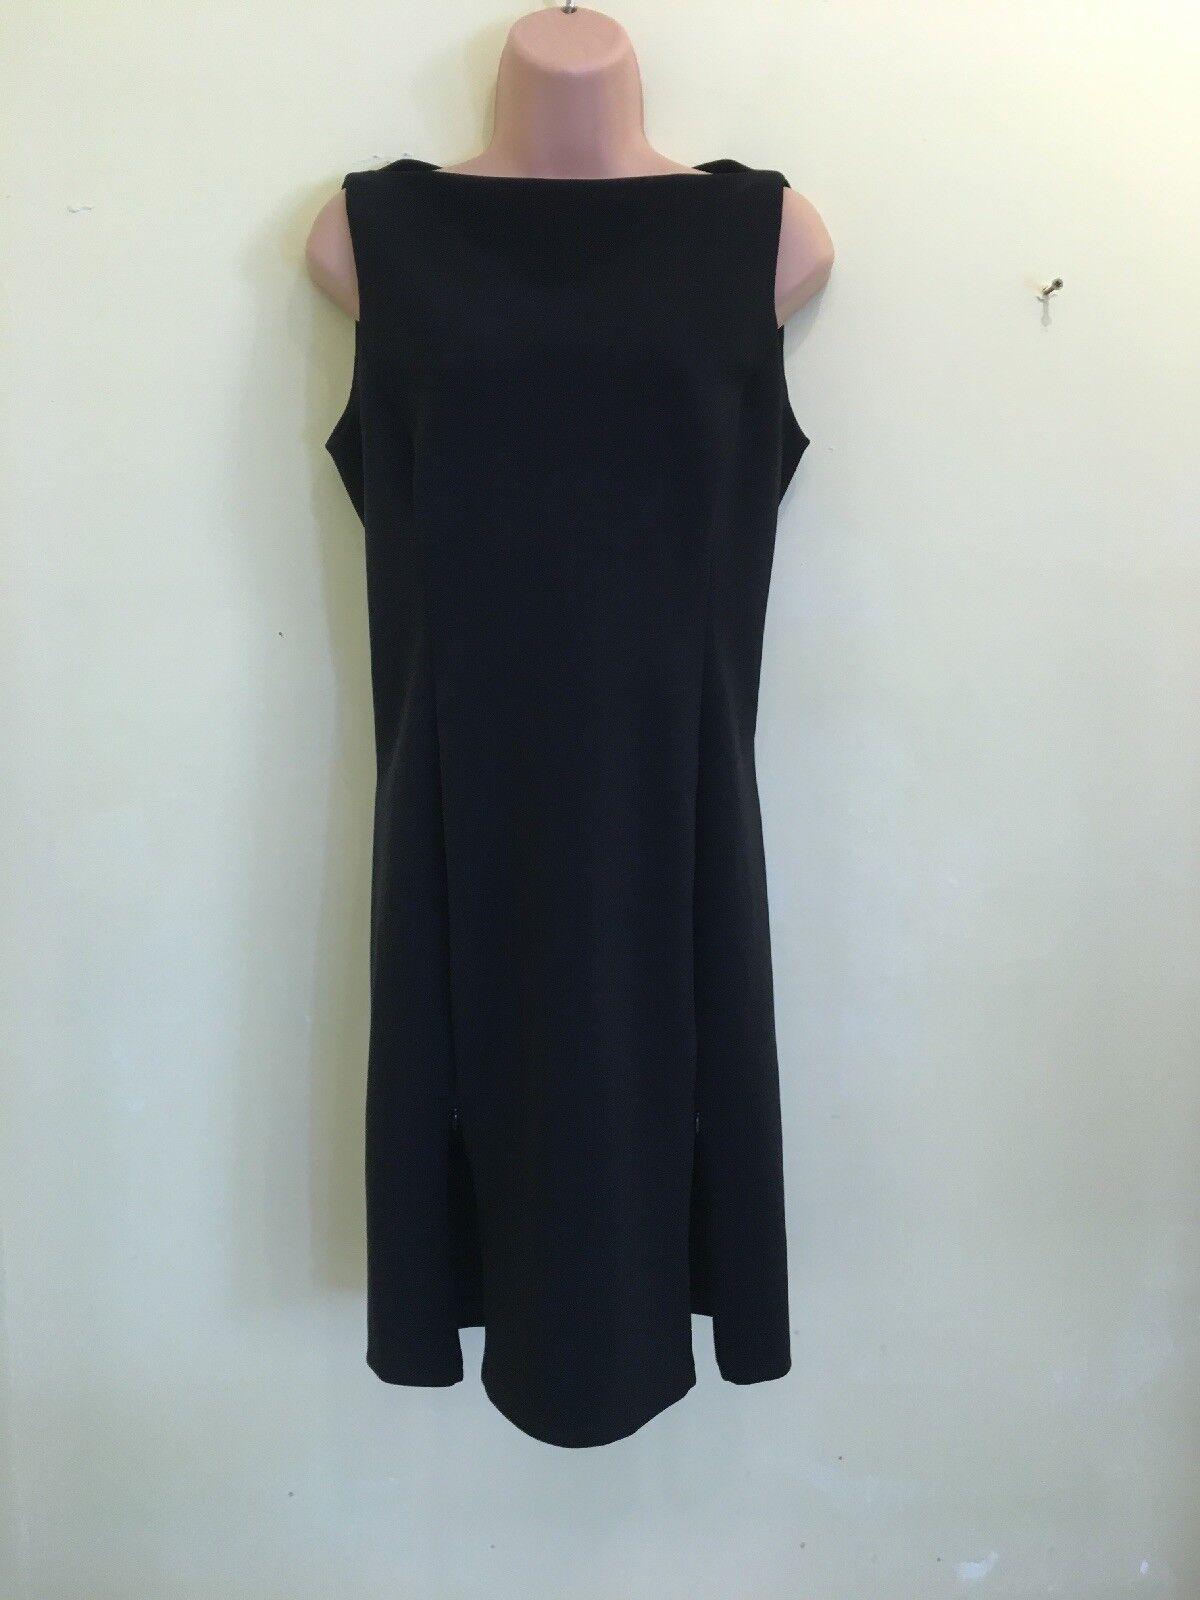 Diane Von Furstenberg Stunning Dark Navy AUDRINA Bodycon, Sheath Dress Size